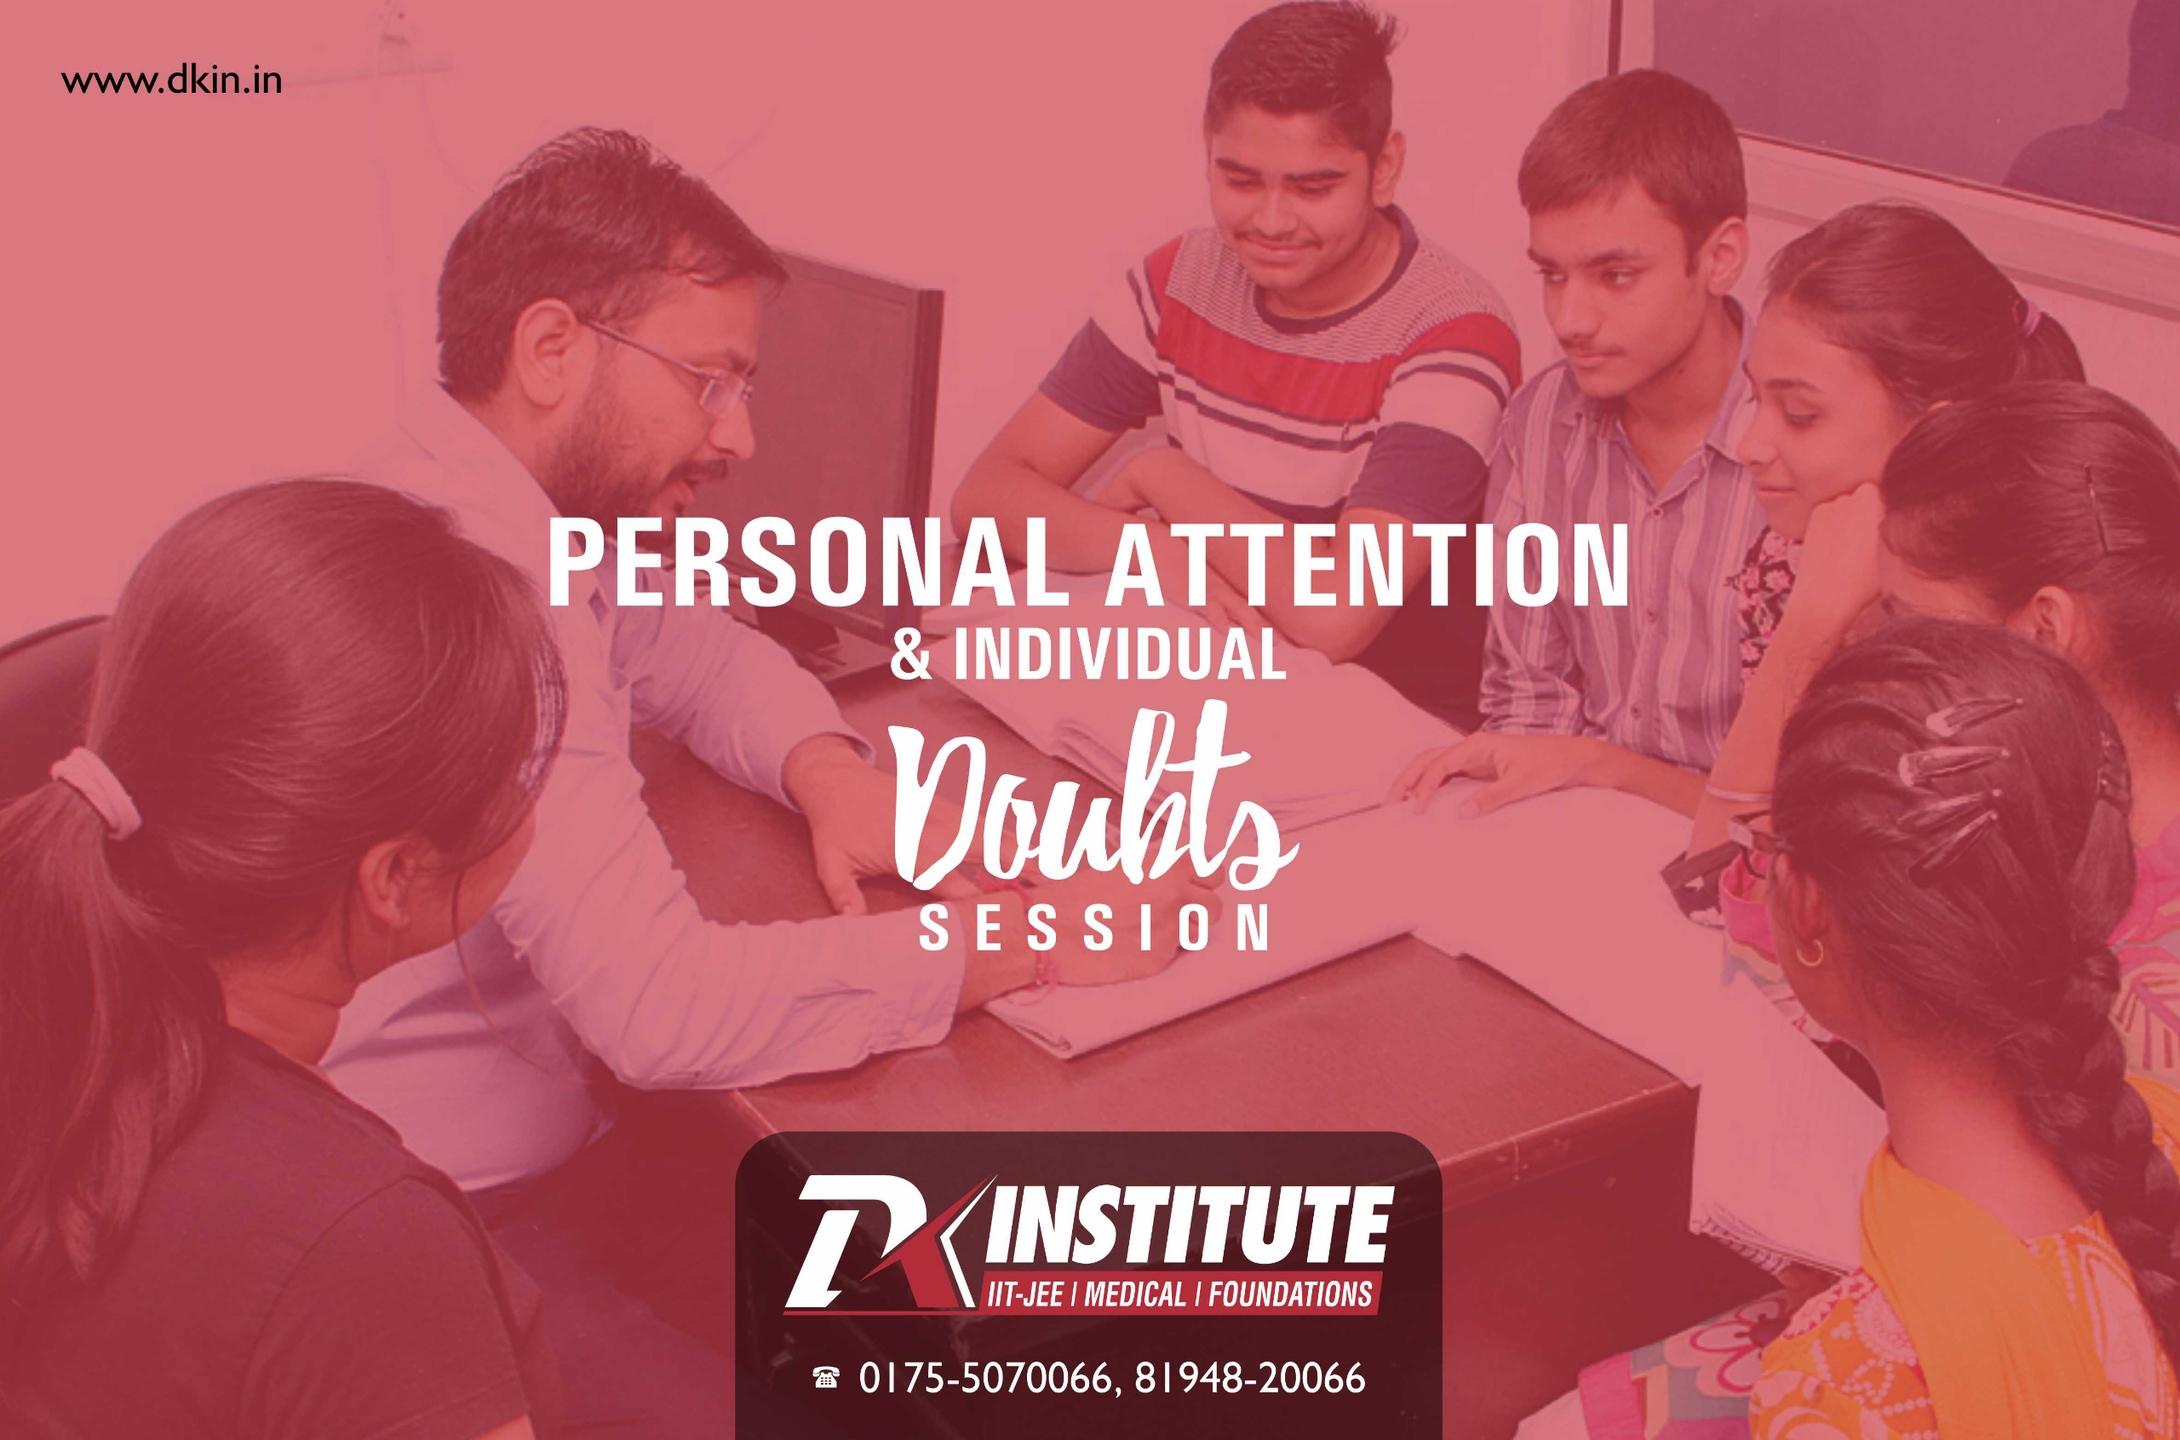 D.K Institute (@dkinstitute) Cover Image